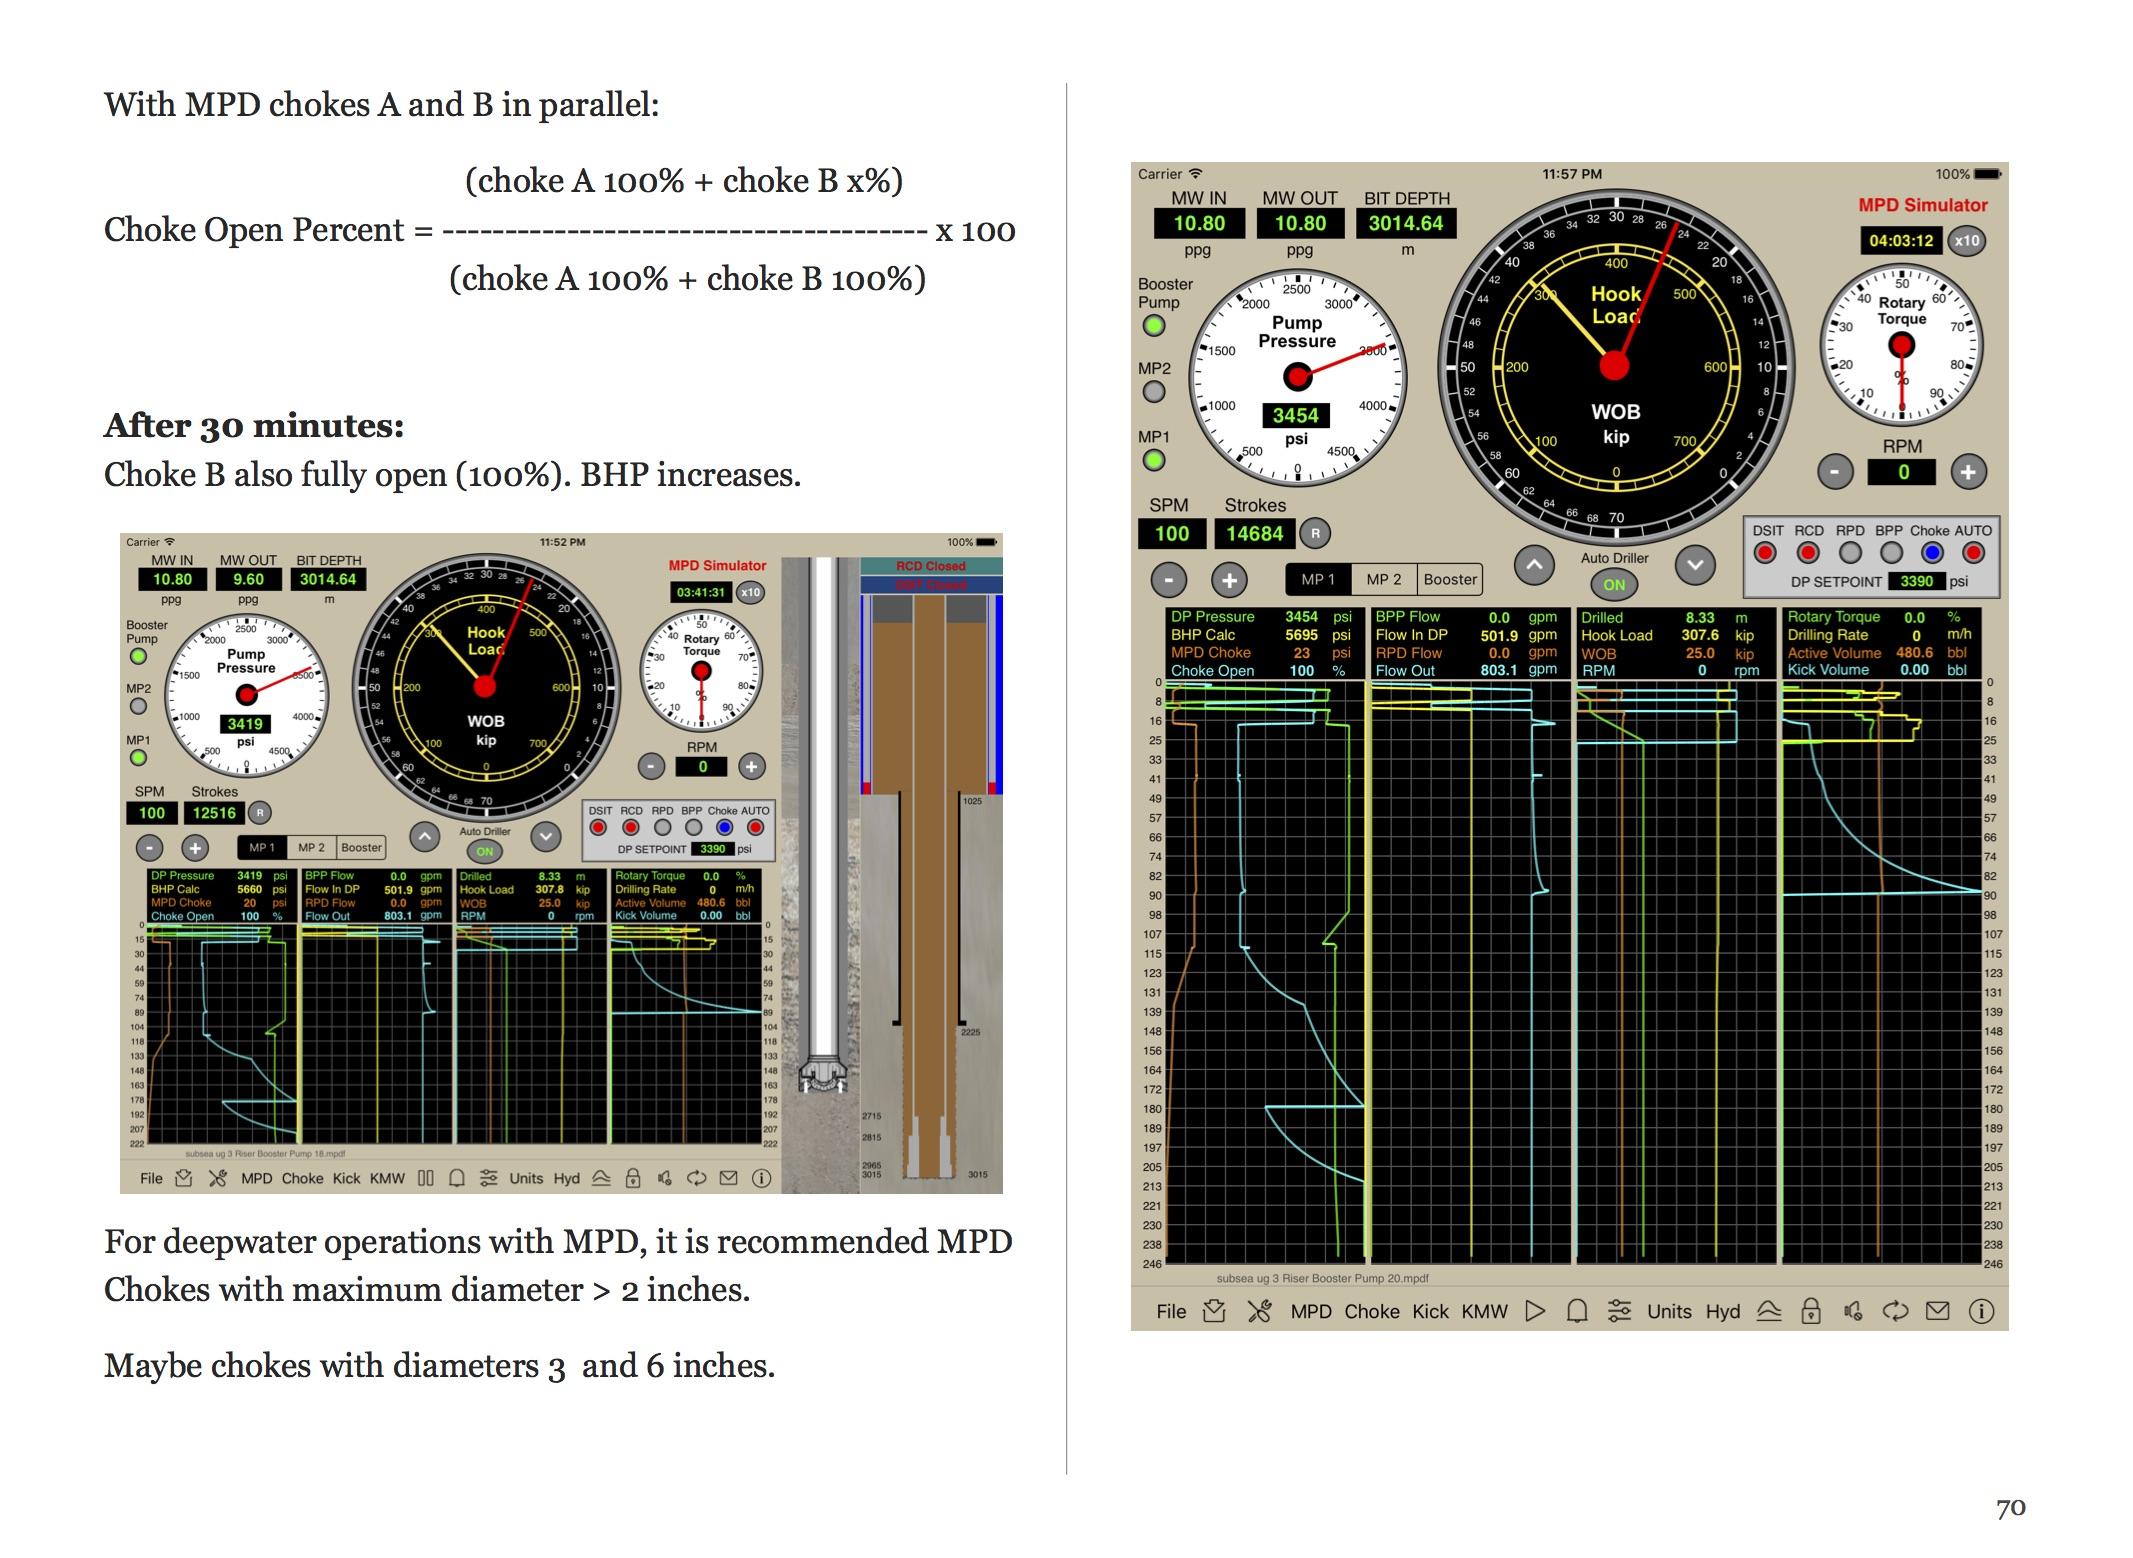 MPD_Simulator_71